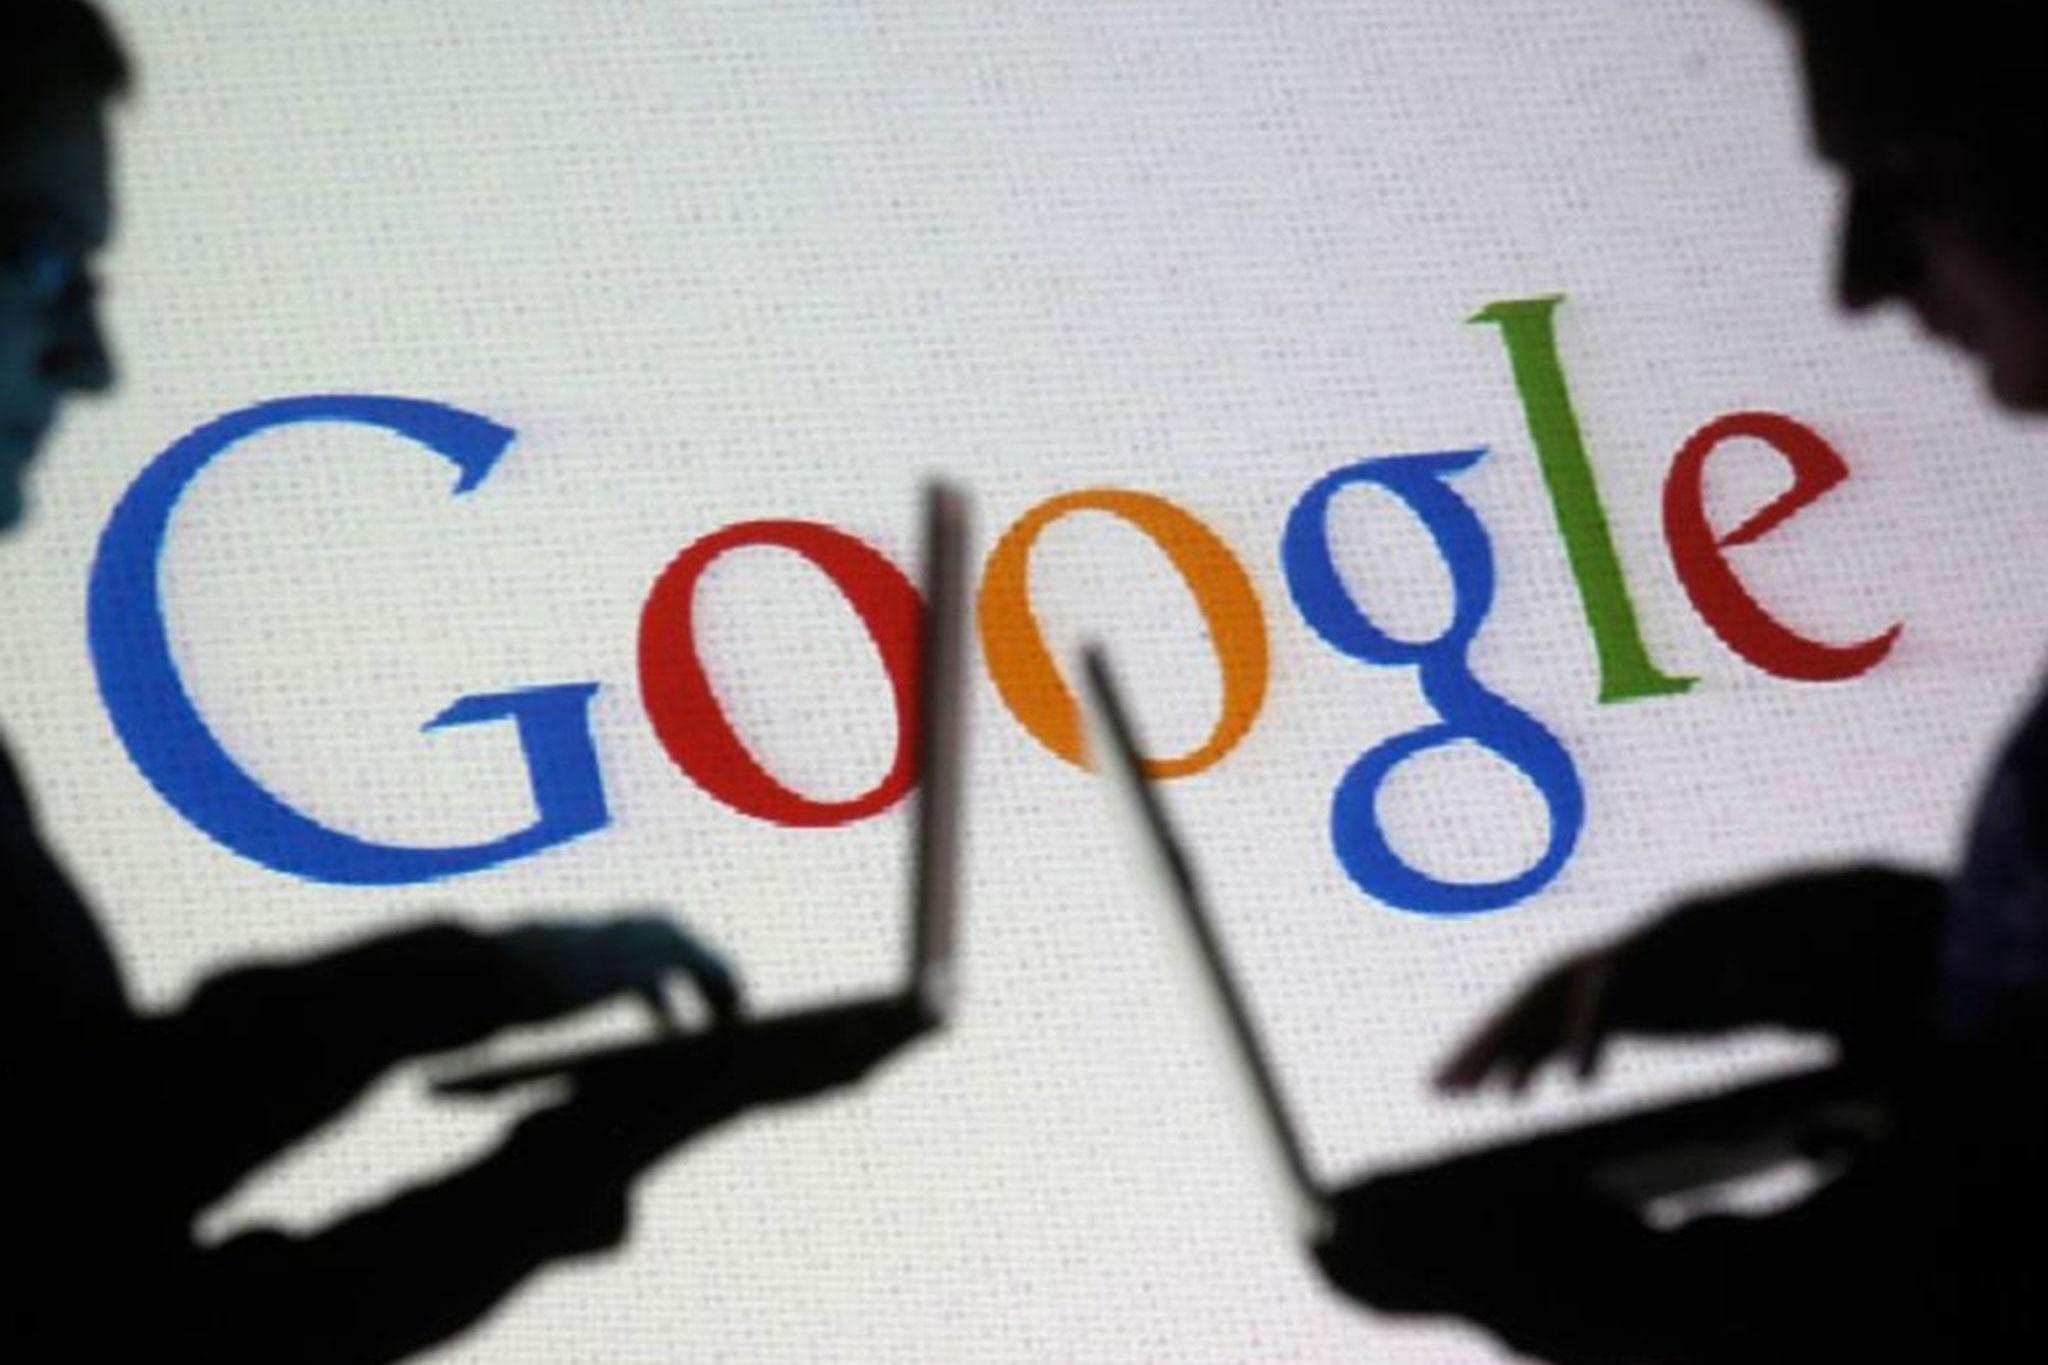 Imagem de Google aumenta segurança de logins para evitar ataques de phishing no tecmundo